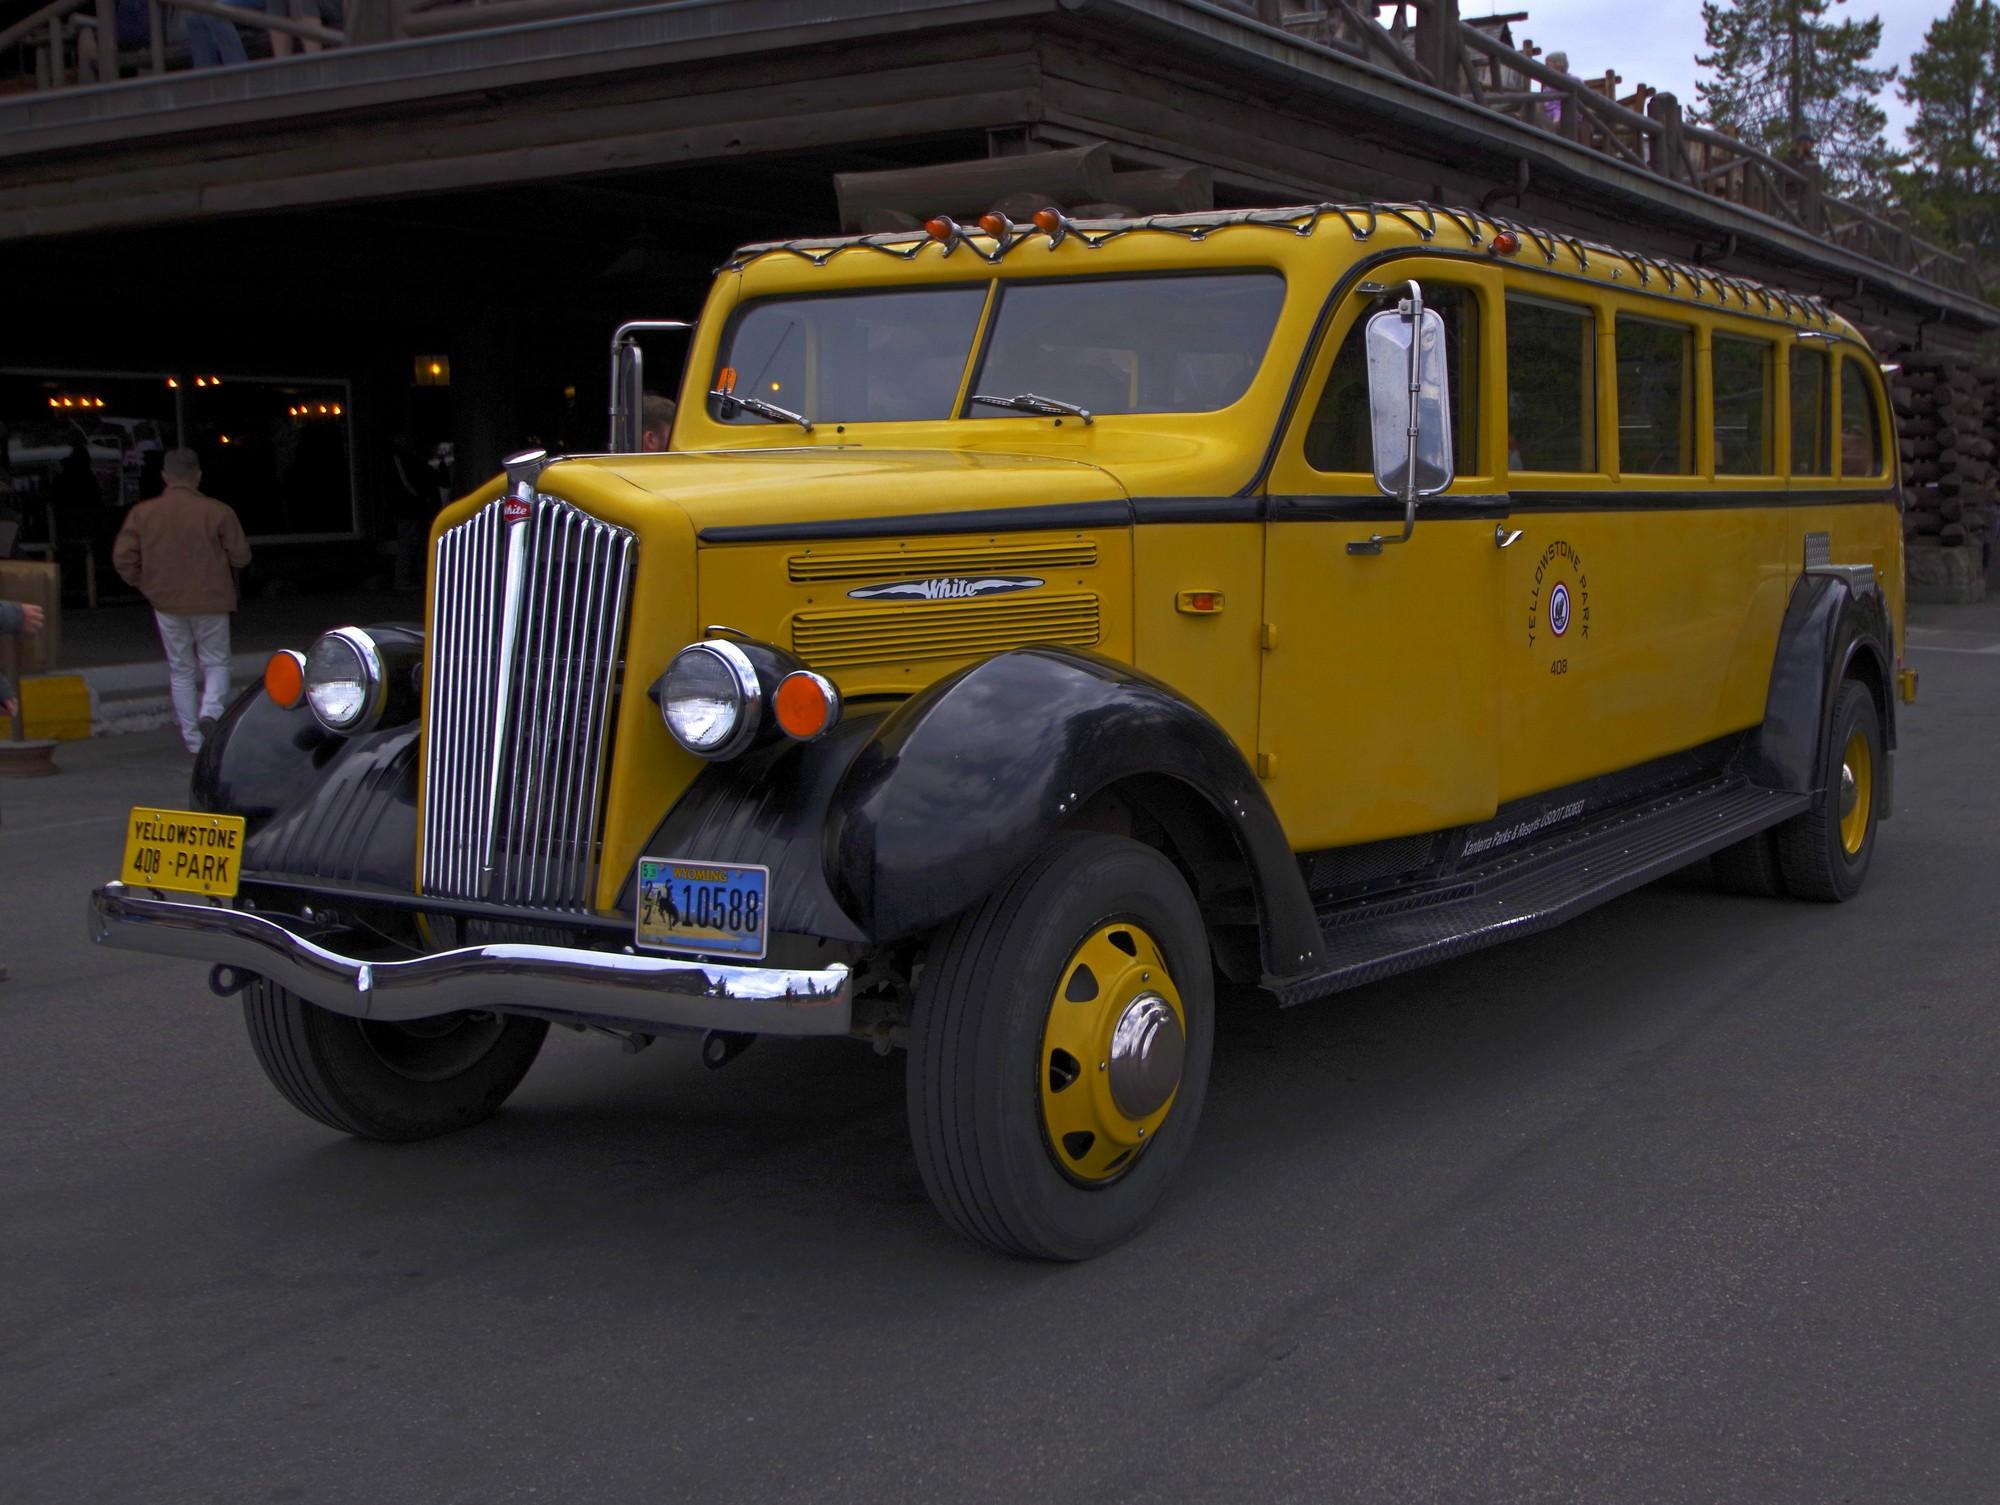 Les fameux autobus jaune de Yellowstone